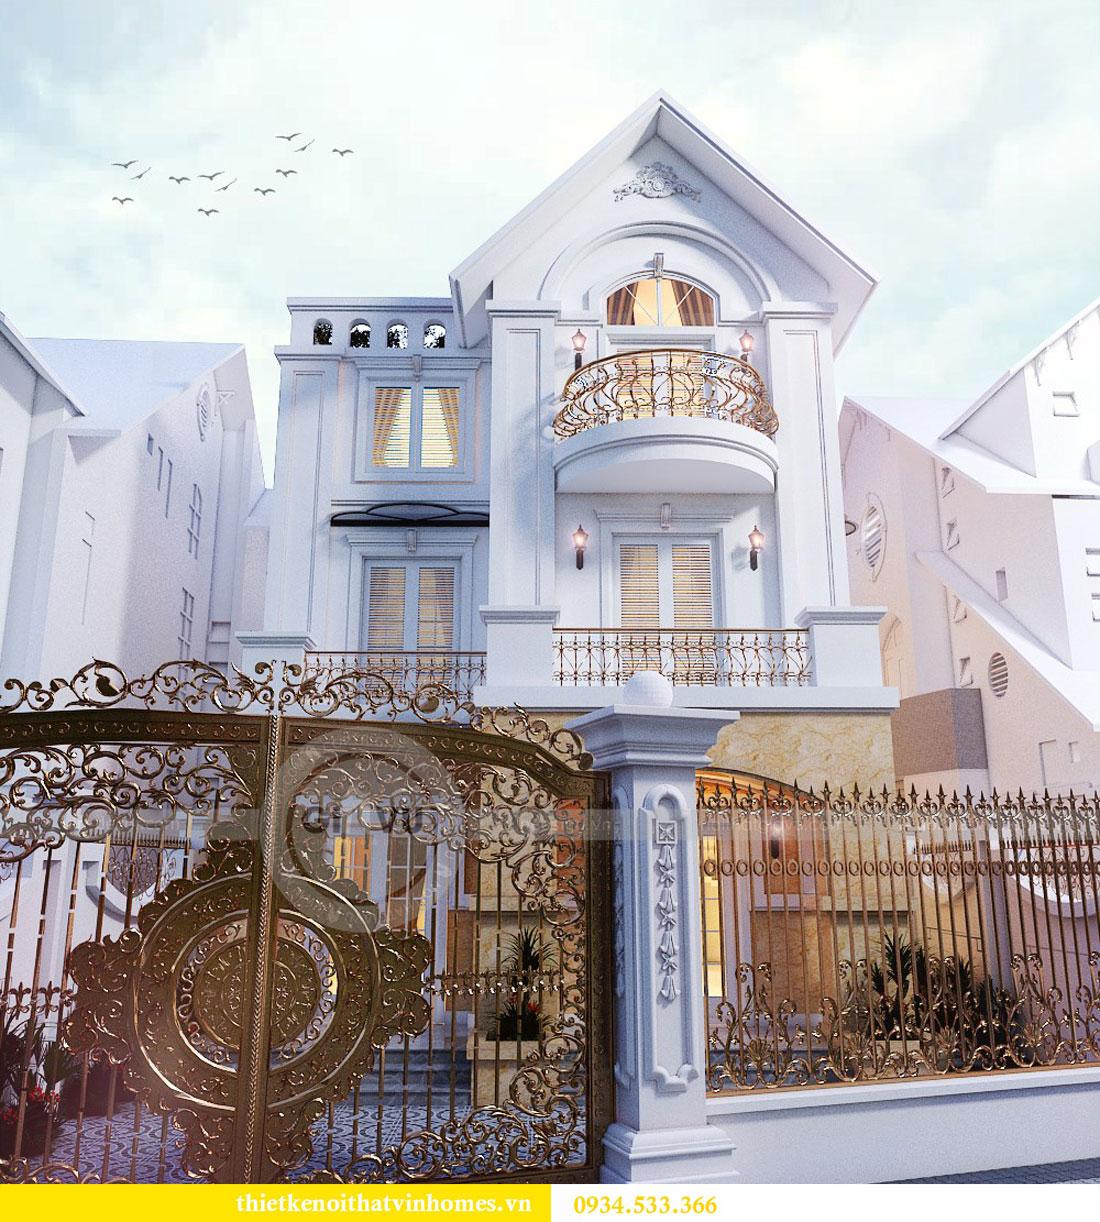 Thiết kế nội thất biệt thự Vinhomes Harmony 4